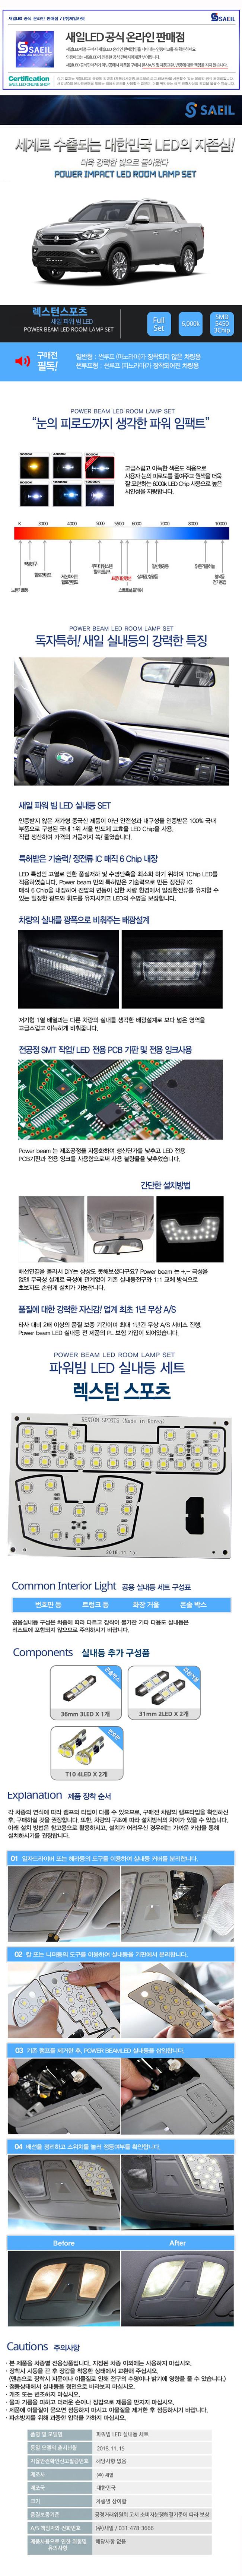 [파워임팩트] 새일 LED실내등 고급형 풀세트 _ 렉스턴스포츠